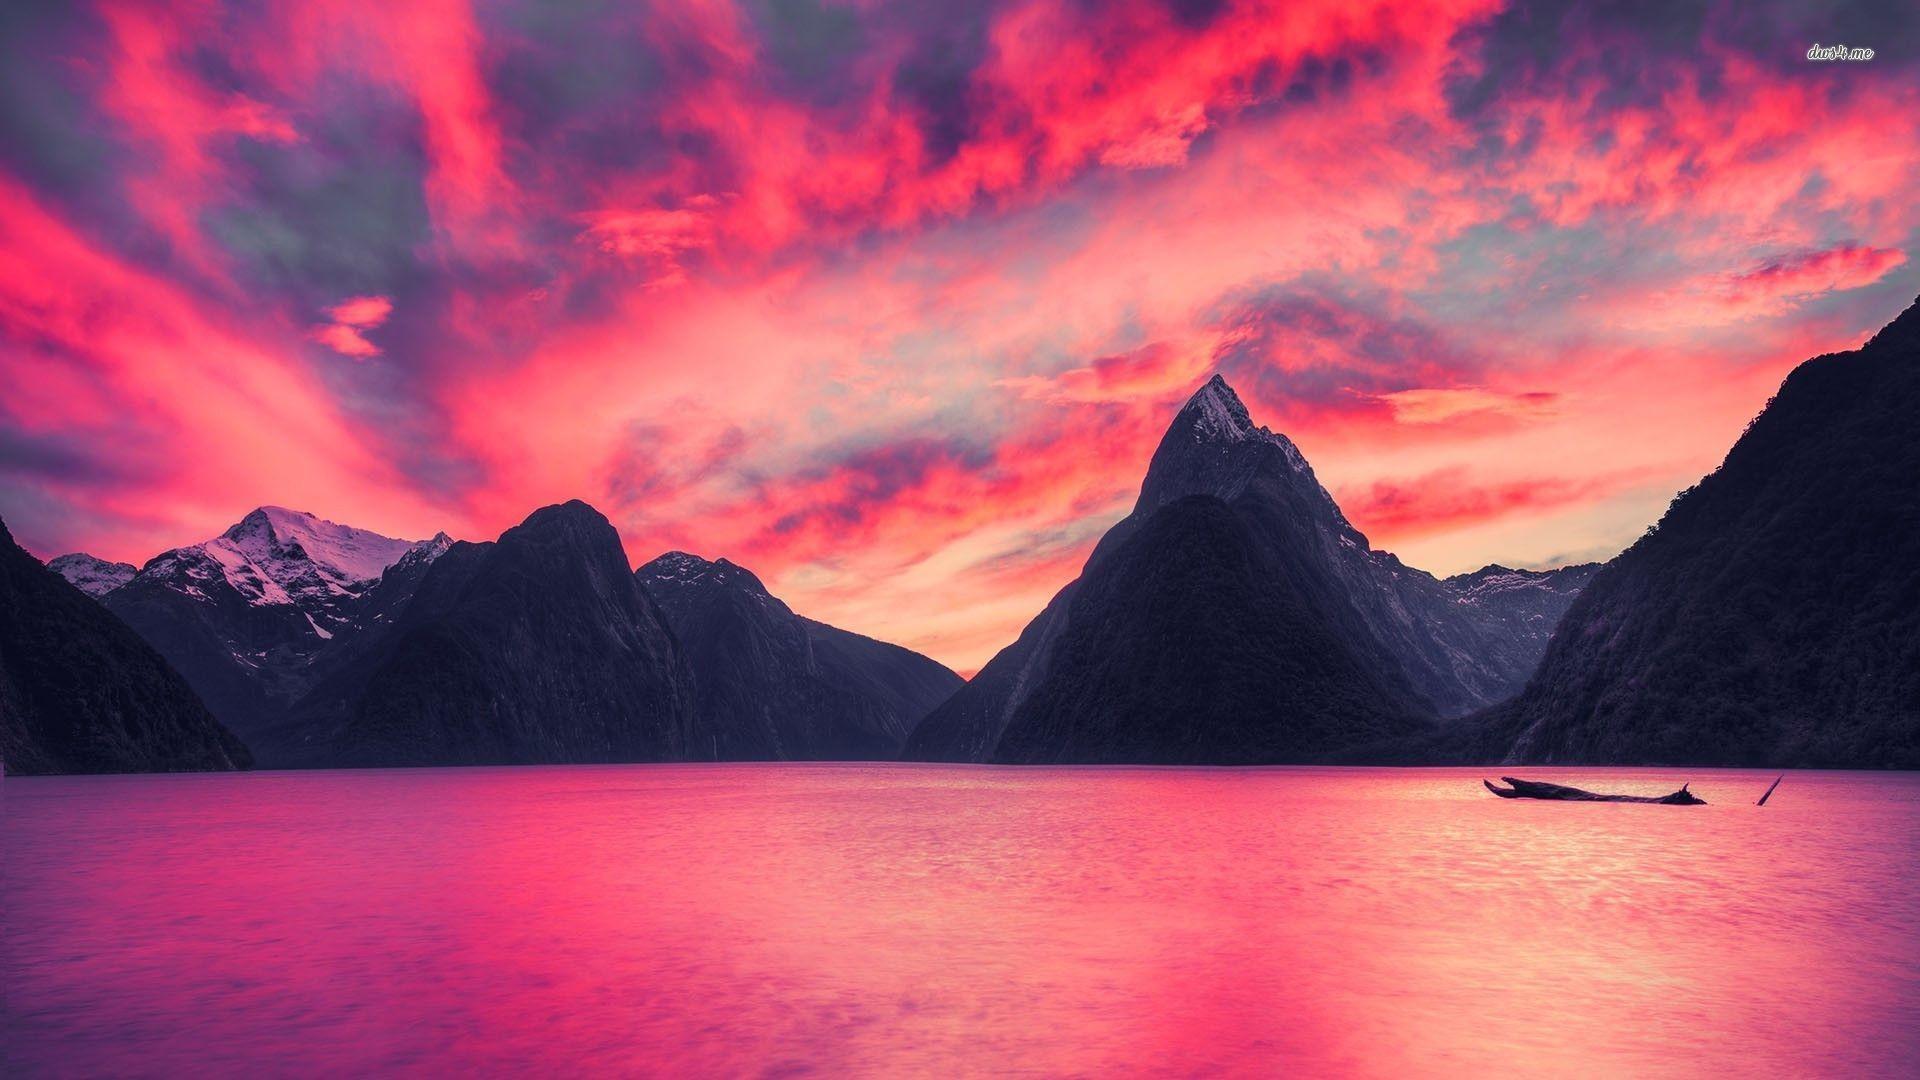 Pink Lake Wallpaper